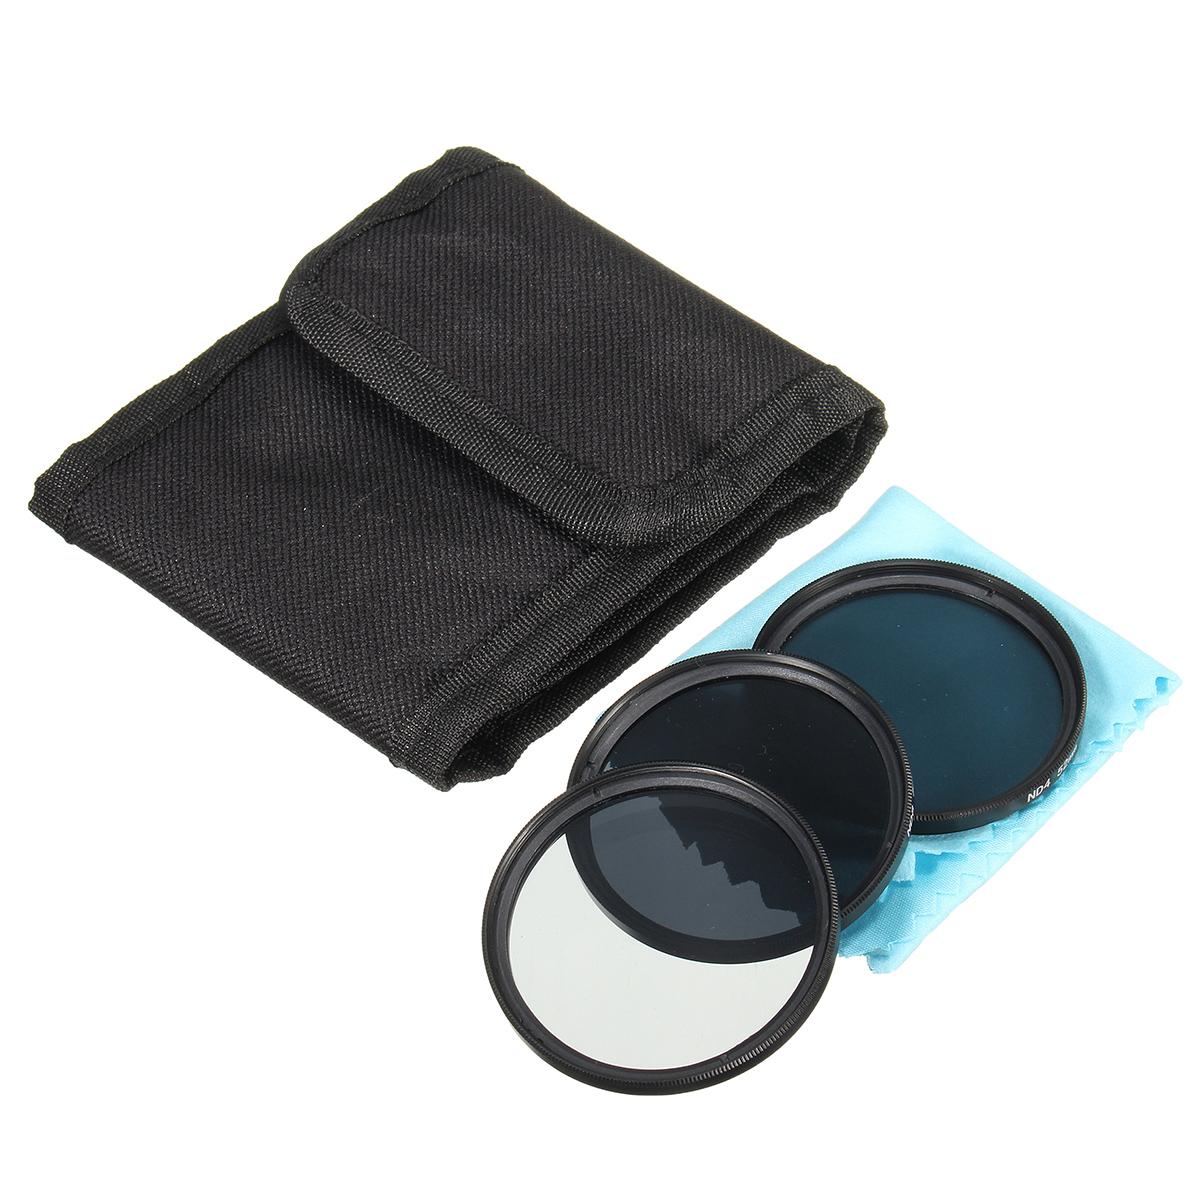 52mm ND Neutral Density Filter Set ND2 ND4 ND8 for Canon Nikon DSLR Lens